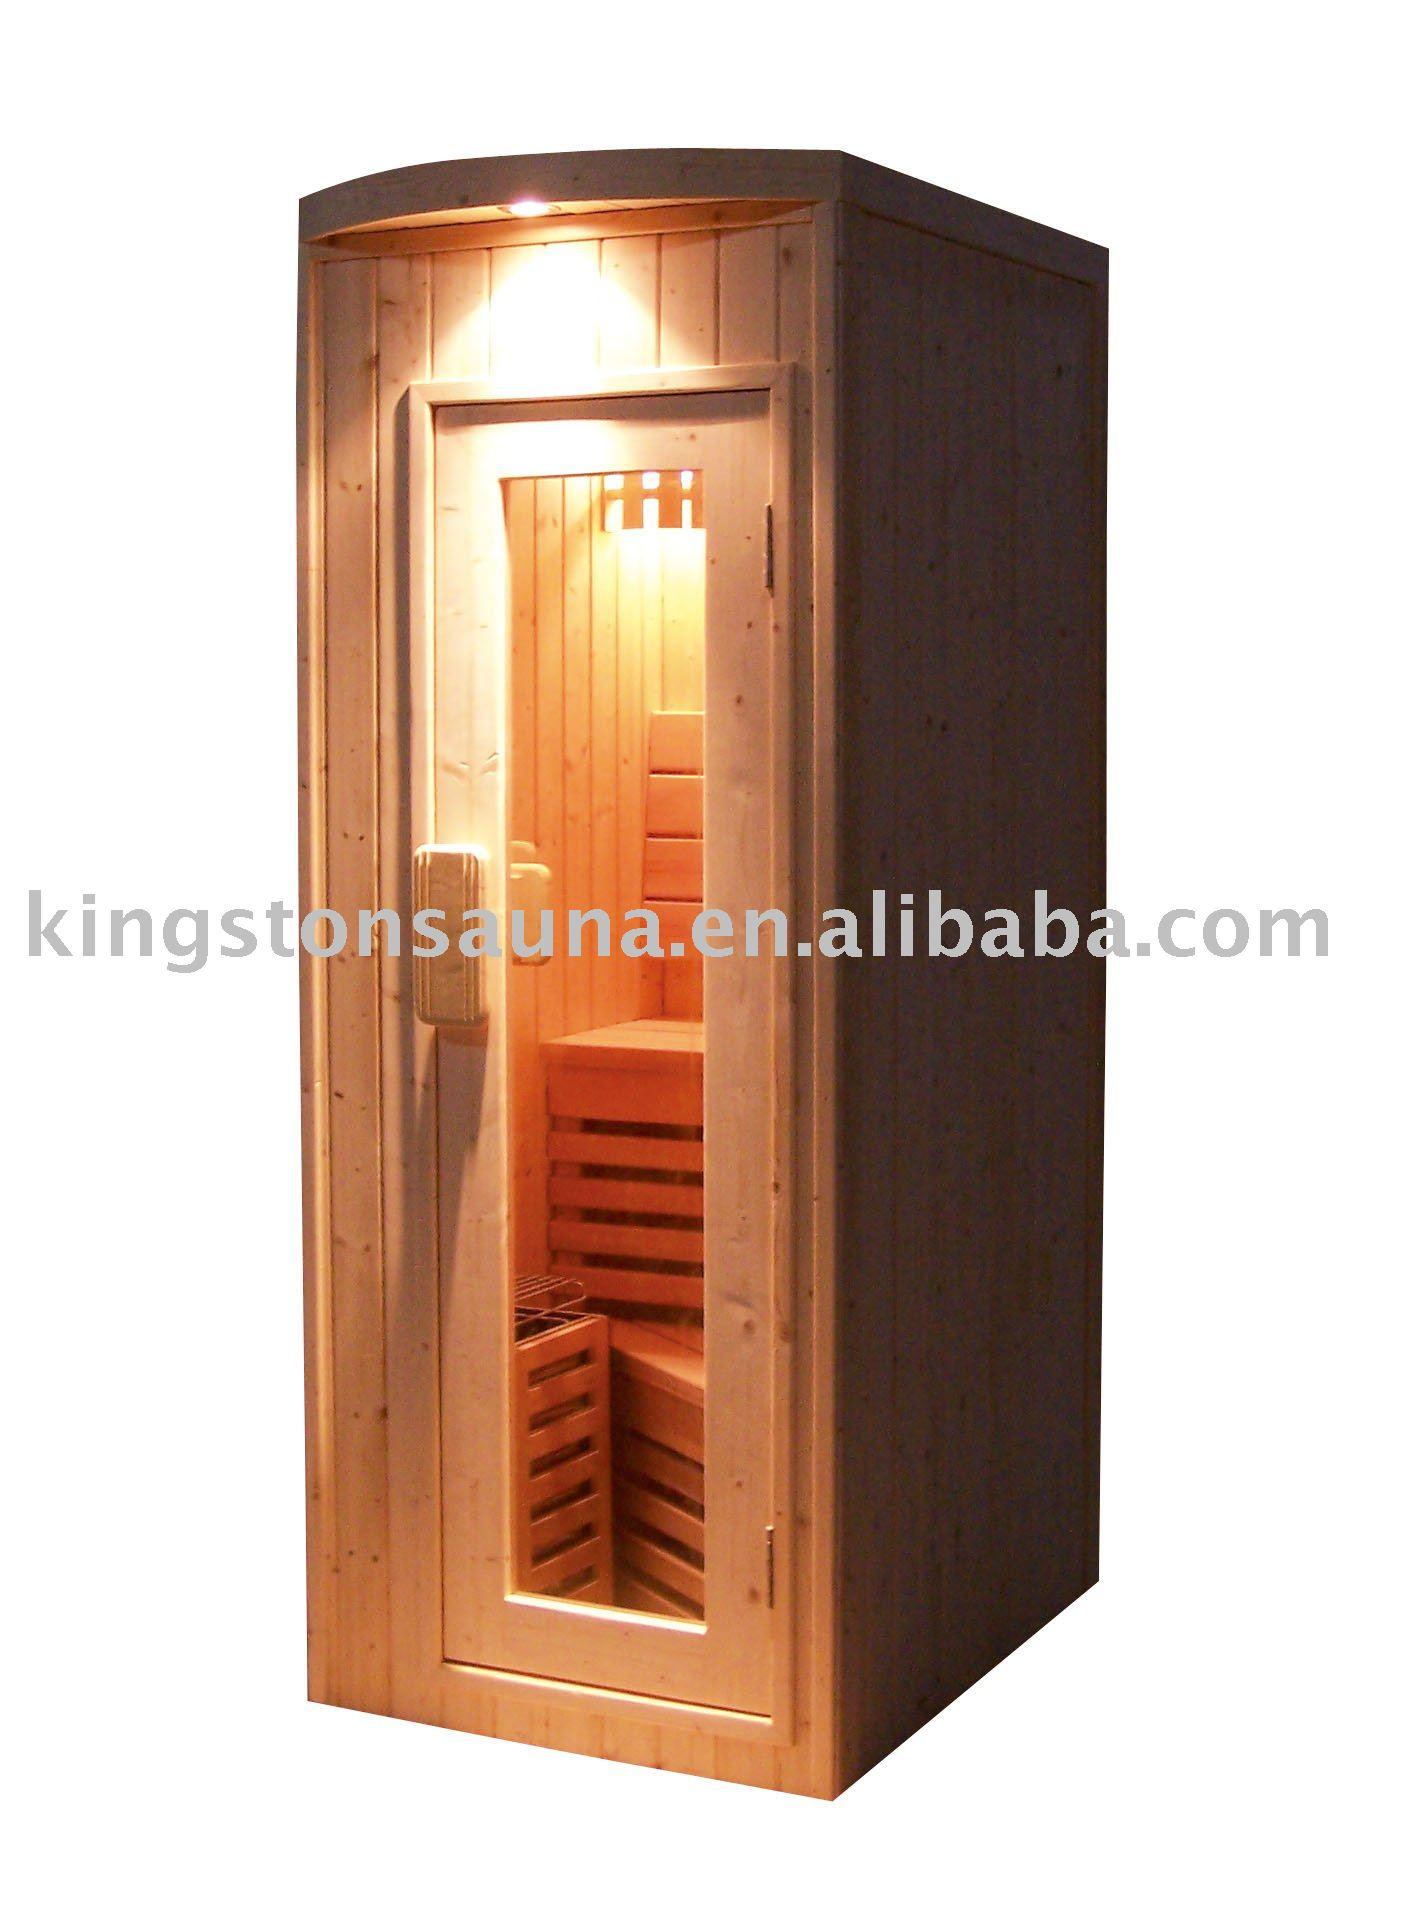 China Dry Steam Room Wholesale Alibaba - Cabina-sauna